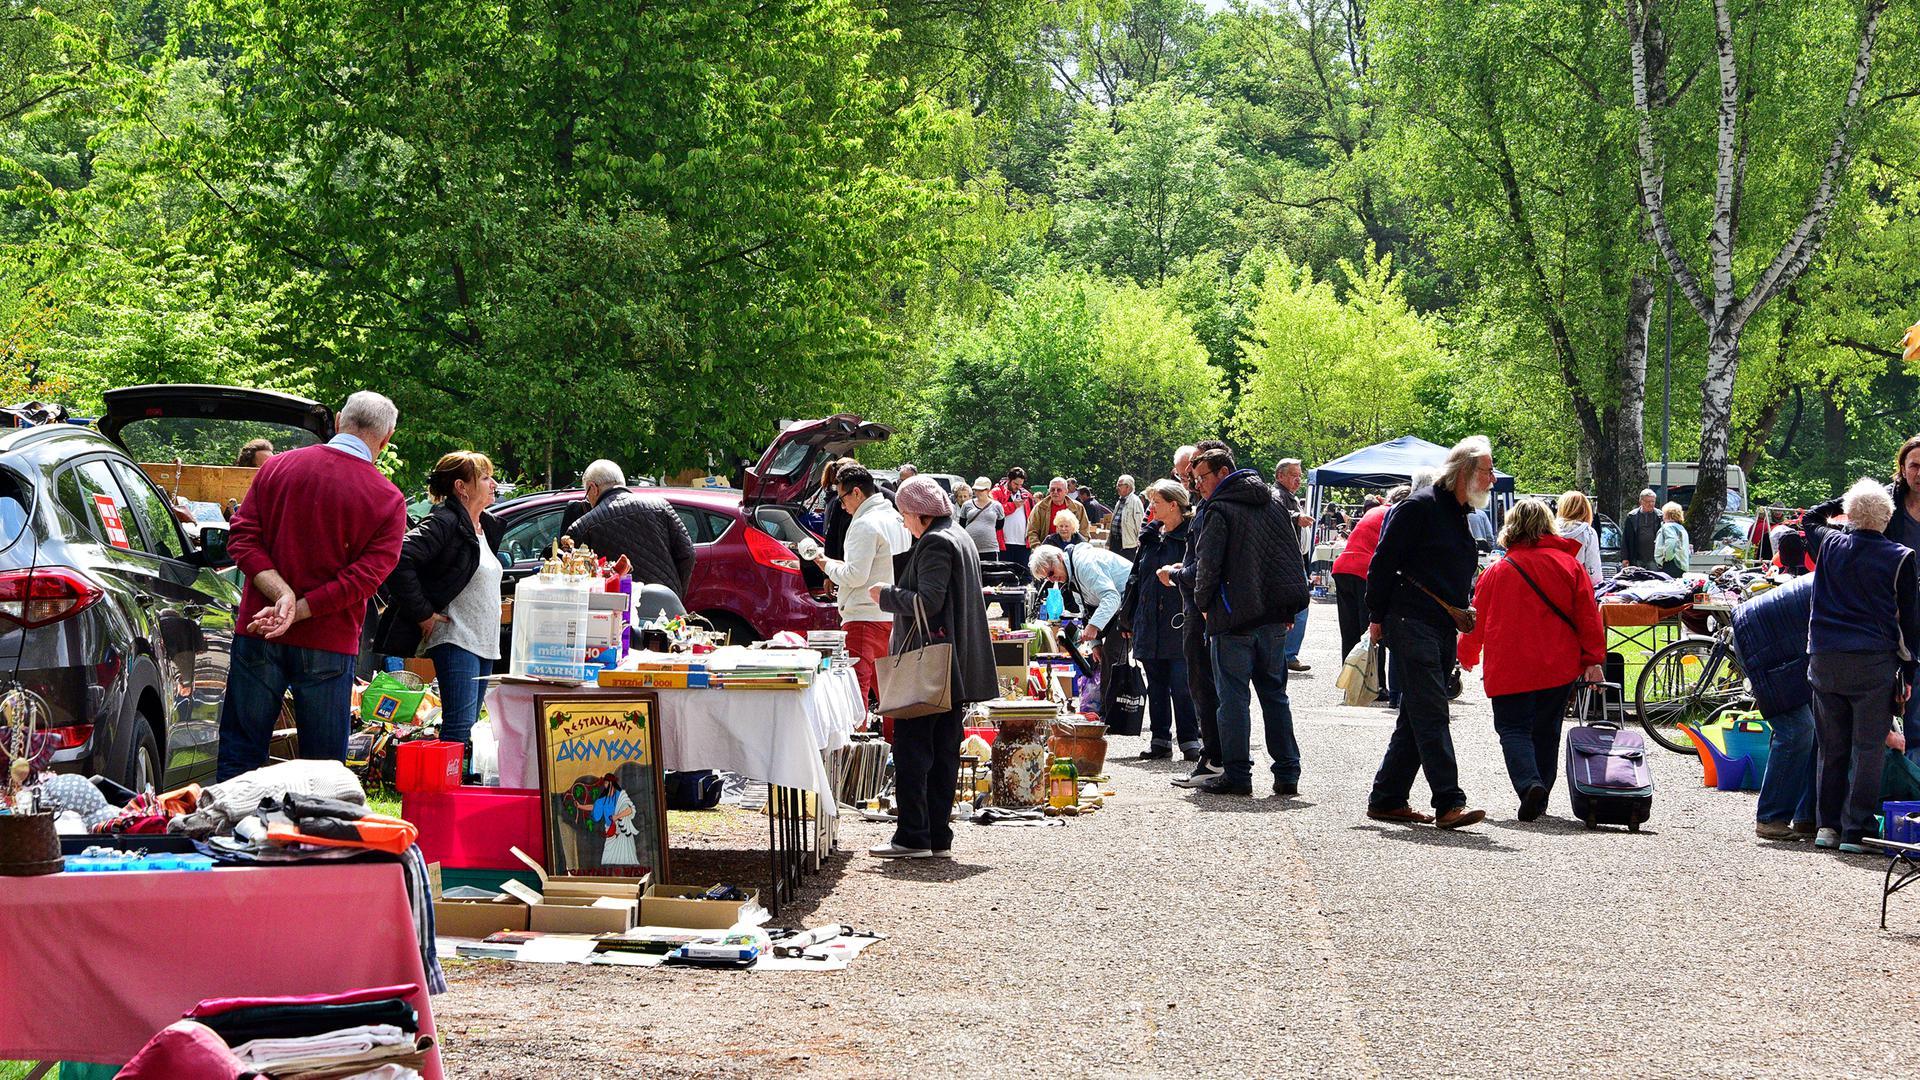 Auf dem Birkenparkplatz beim Wildparkstadion findet normalerweise immer freitags ein Flohmarkt statt.